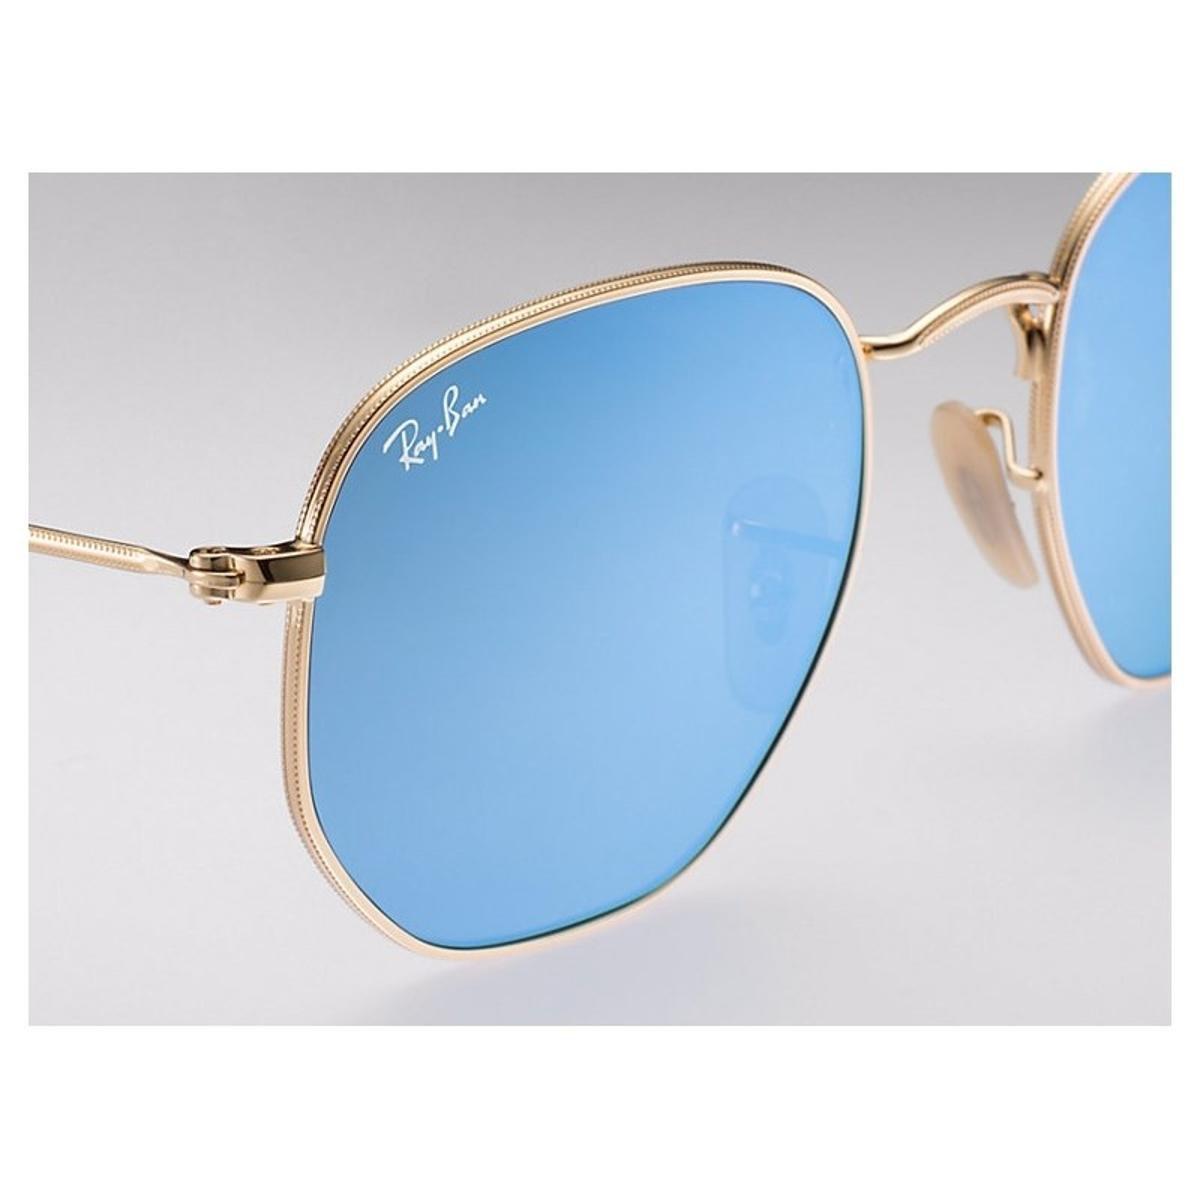 Óculos de Sol Ray Ban Hexagonal RB3548NL - Dourado e Azul - Compre ... 70cadb74b5